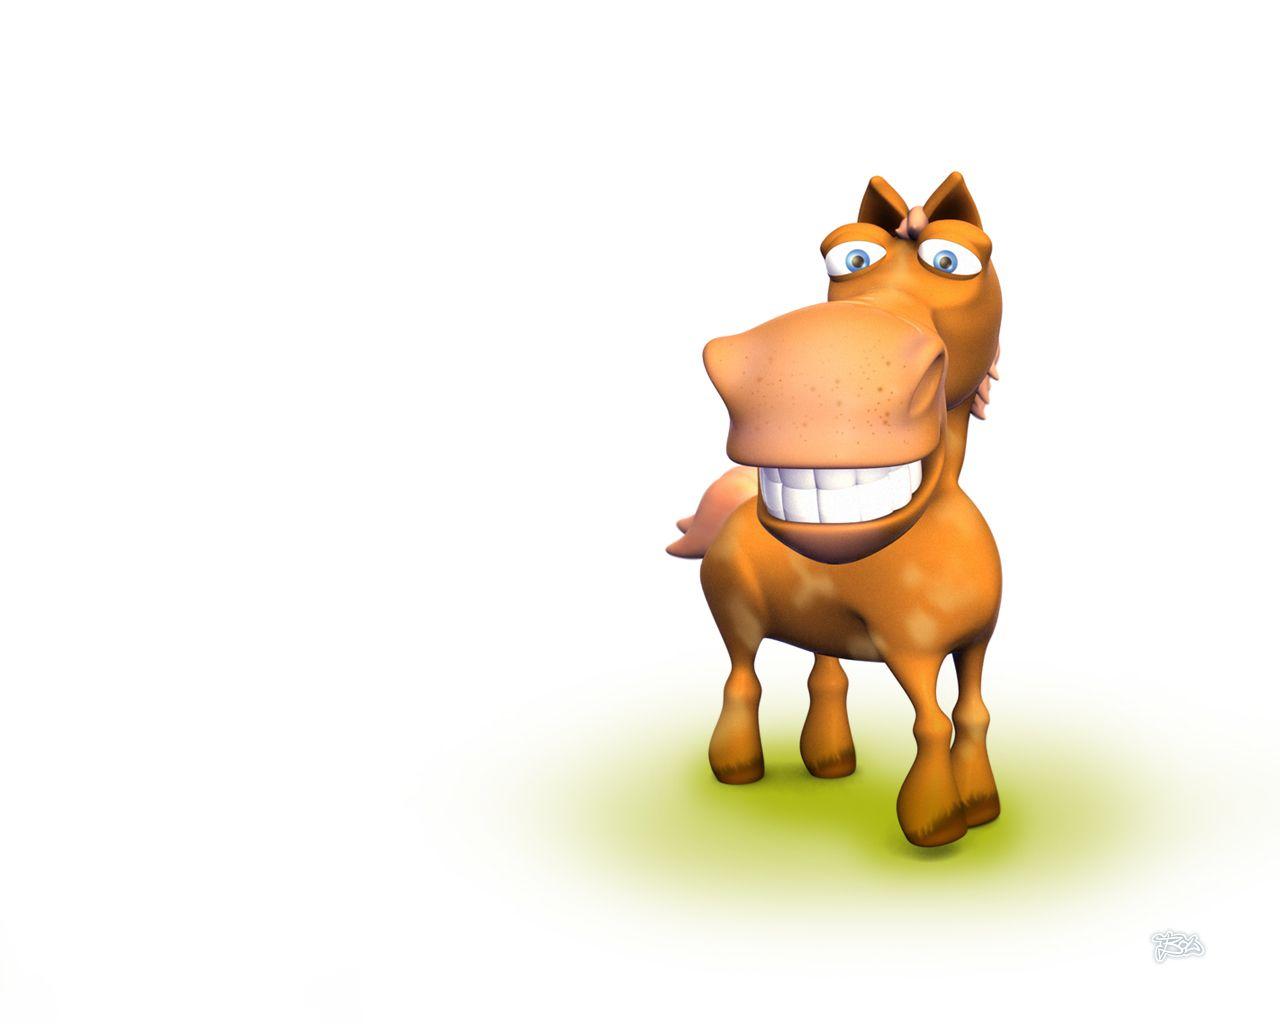 Most Inspiring Wallpaper Horse Cartoon - f2e343143831097f2f4e88b963ec3927  Graphic_319877.jpg